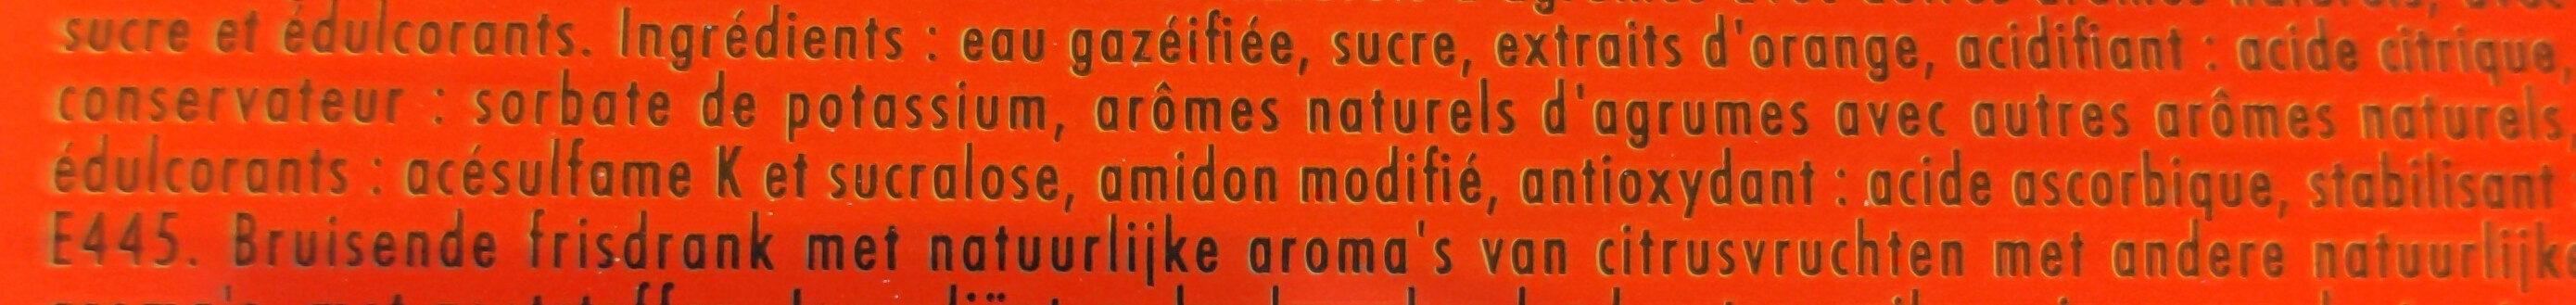 Schweppes agrumes aux saveurs d'orange,🍊de pamplemousse, de citron vert & de mandarine - Ingredients - fr